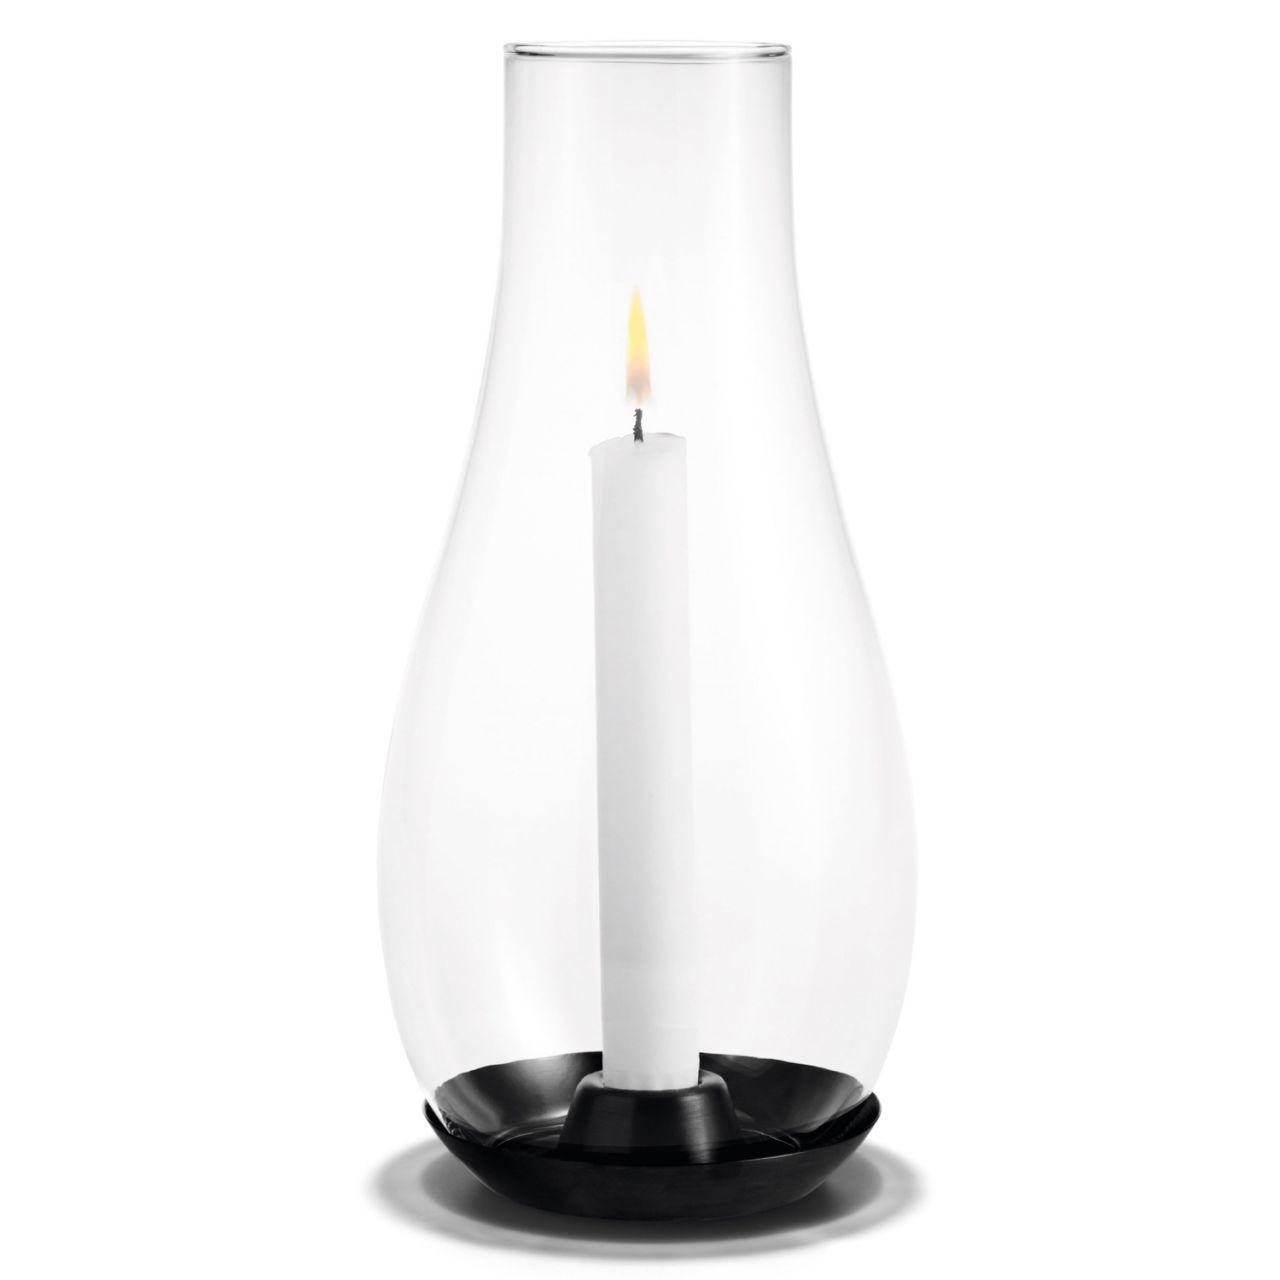 Design with Light Windlicht Holmegaard 4343509